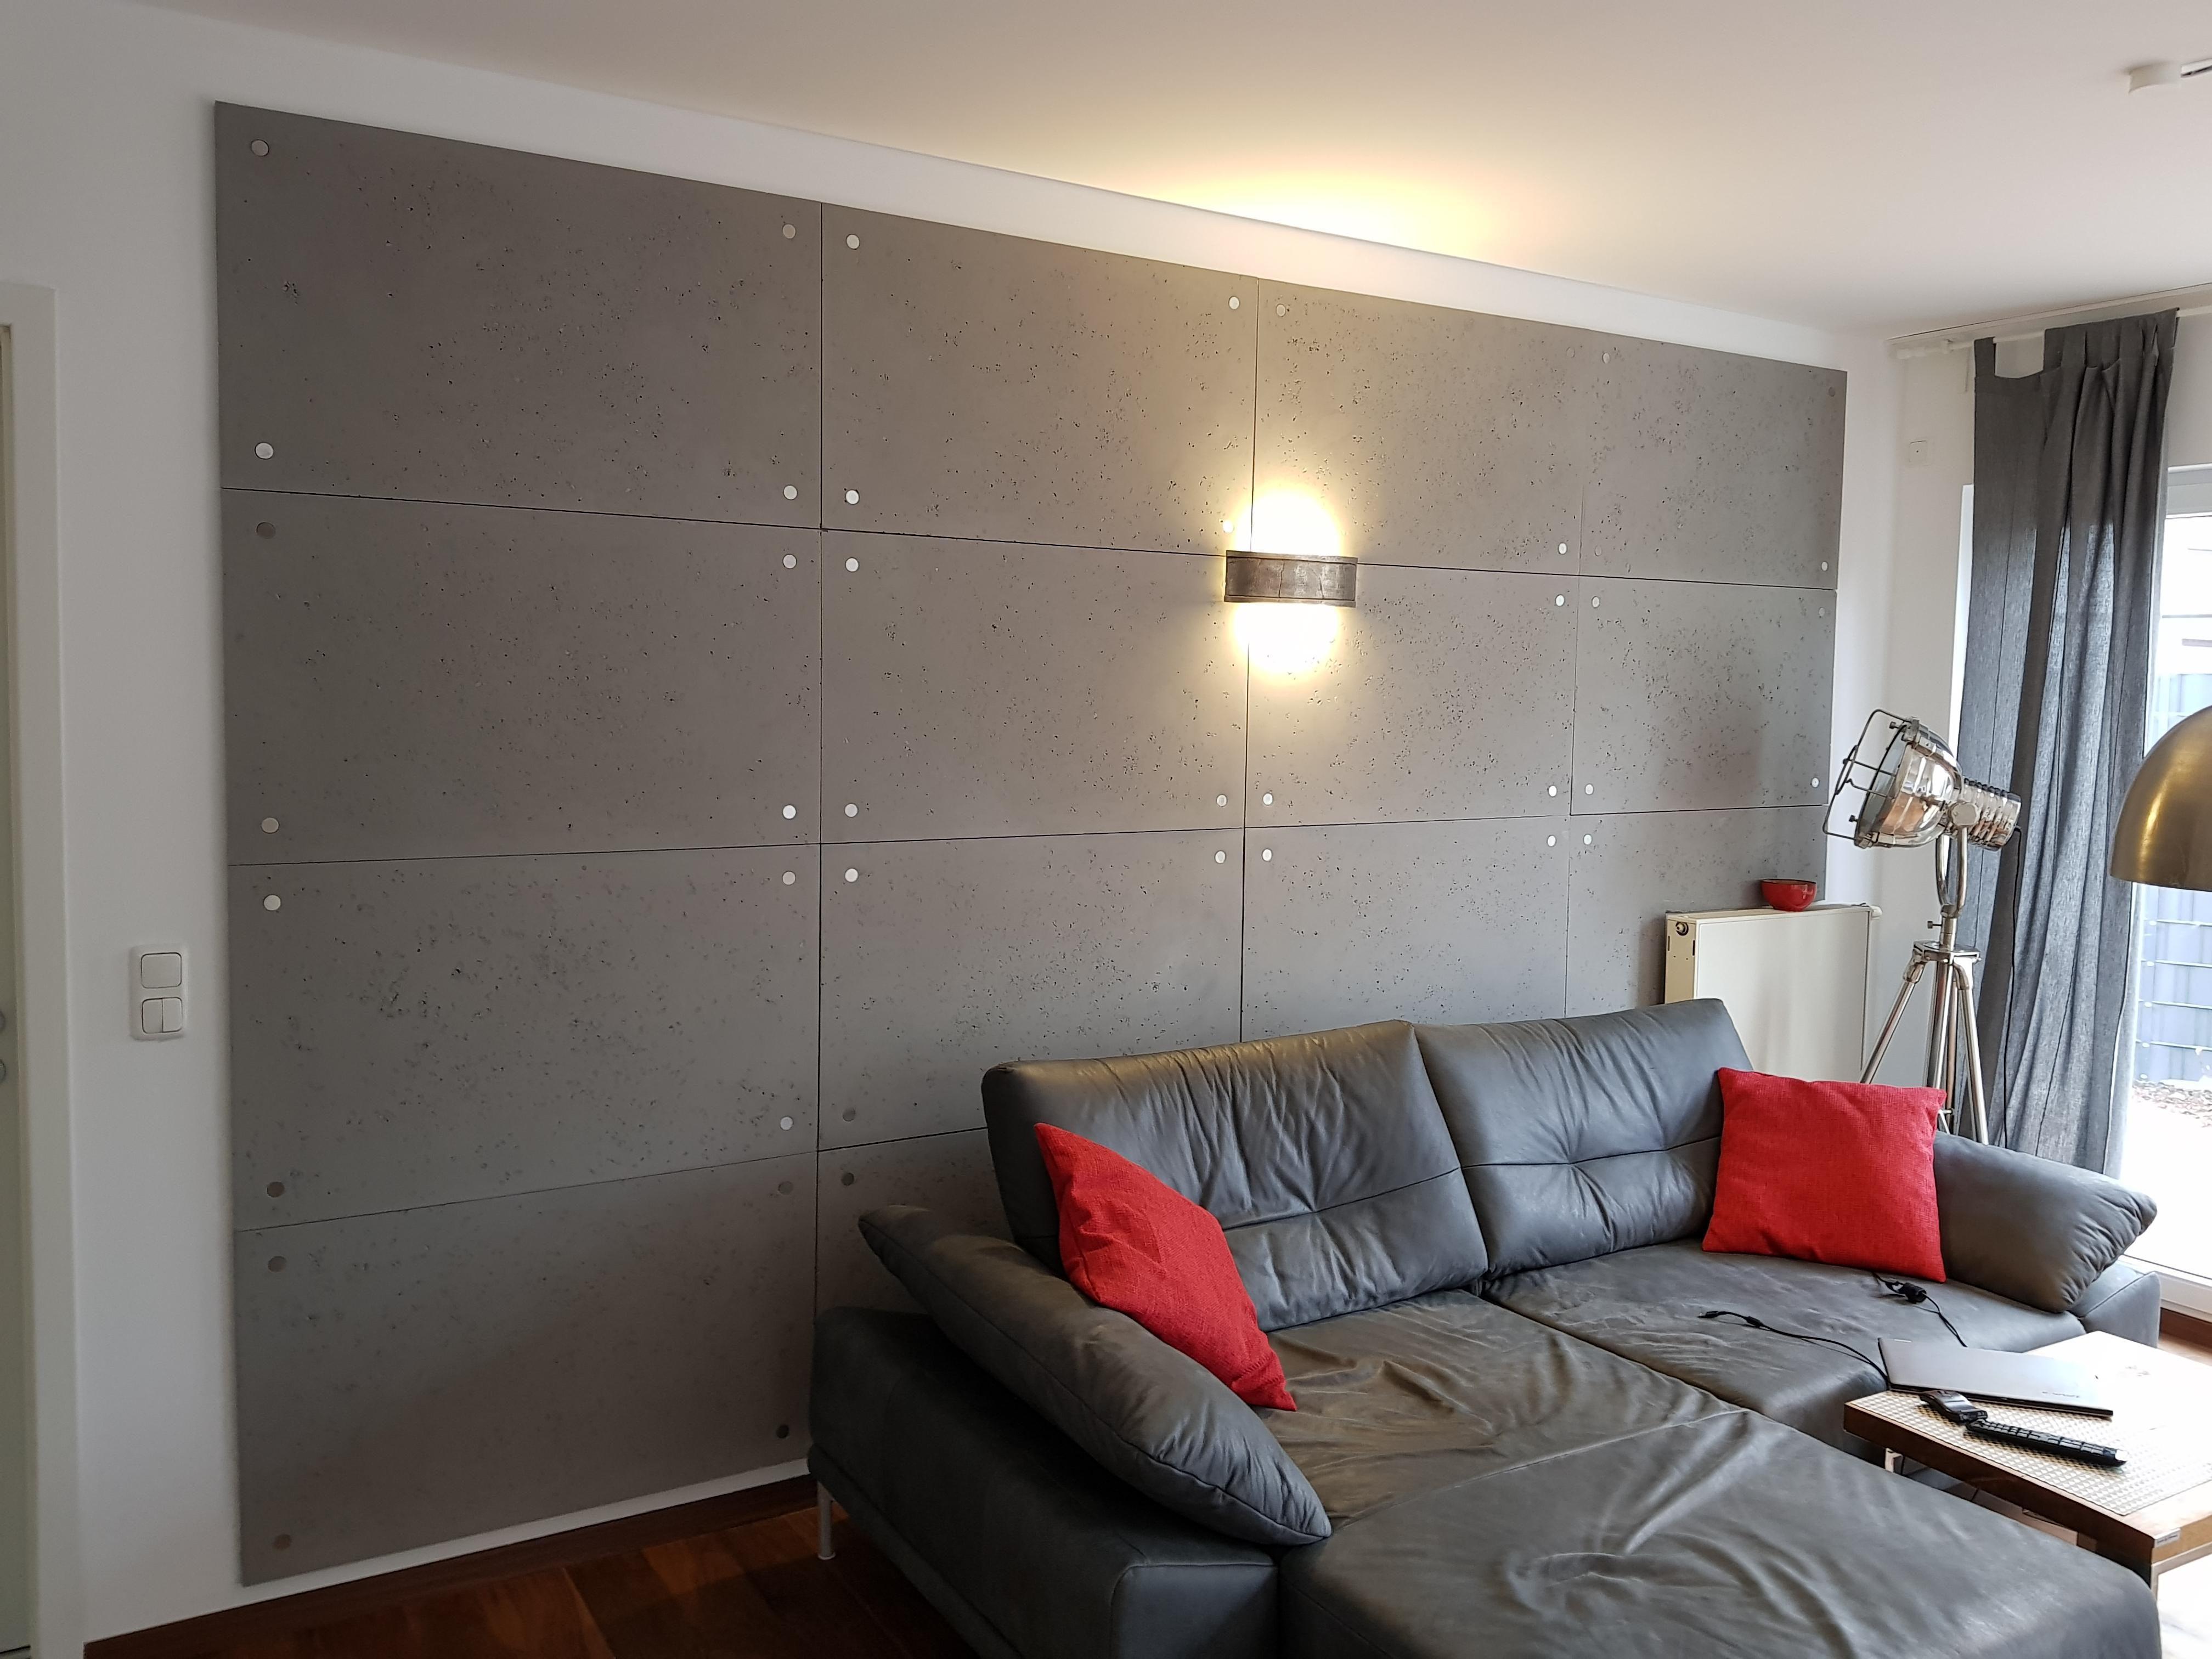 Wand Gestaltung wandgestaltung bilder ideen couchstyle